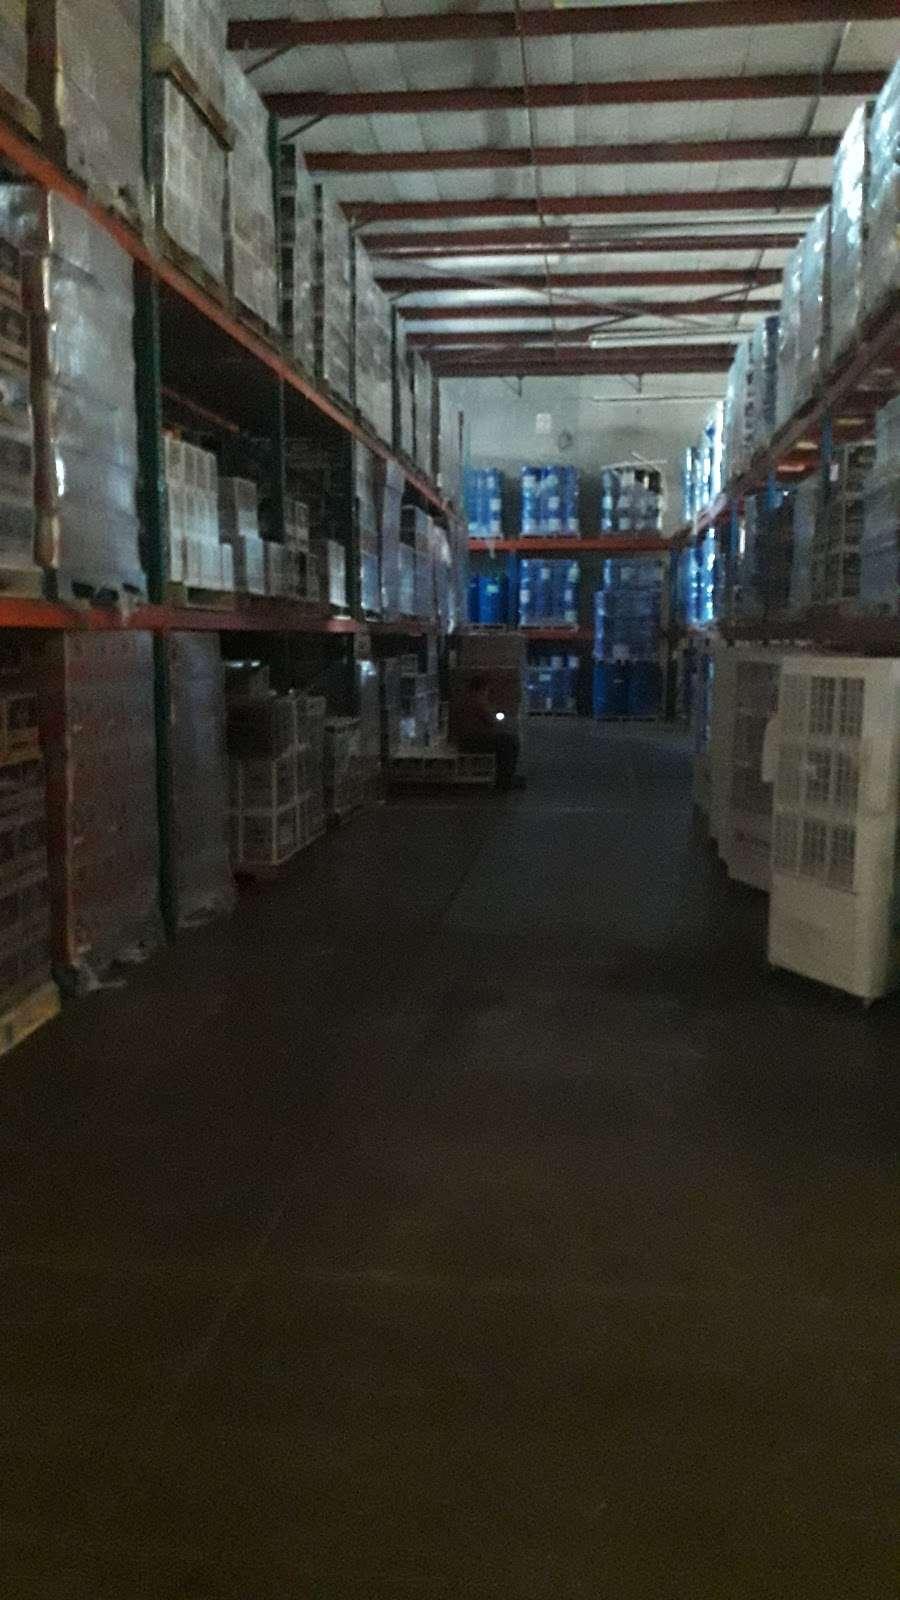 Ponce Distribuciones - storage  | Photo 6 of 7 | Address: Baños de Agua Caliente 3820, 20 de Noviembre, 22100 Tijuana, B.C., Mexico | Phone: 664 622 3046